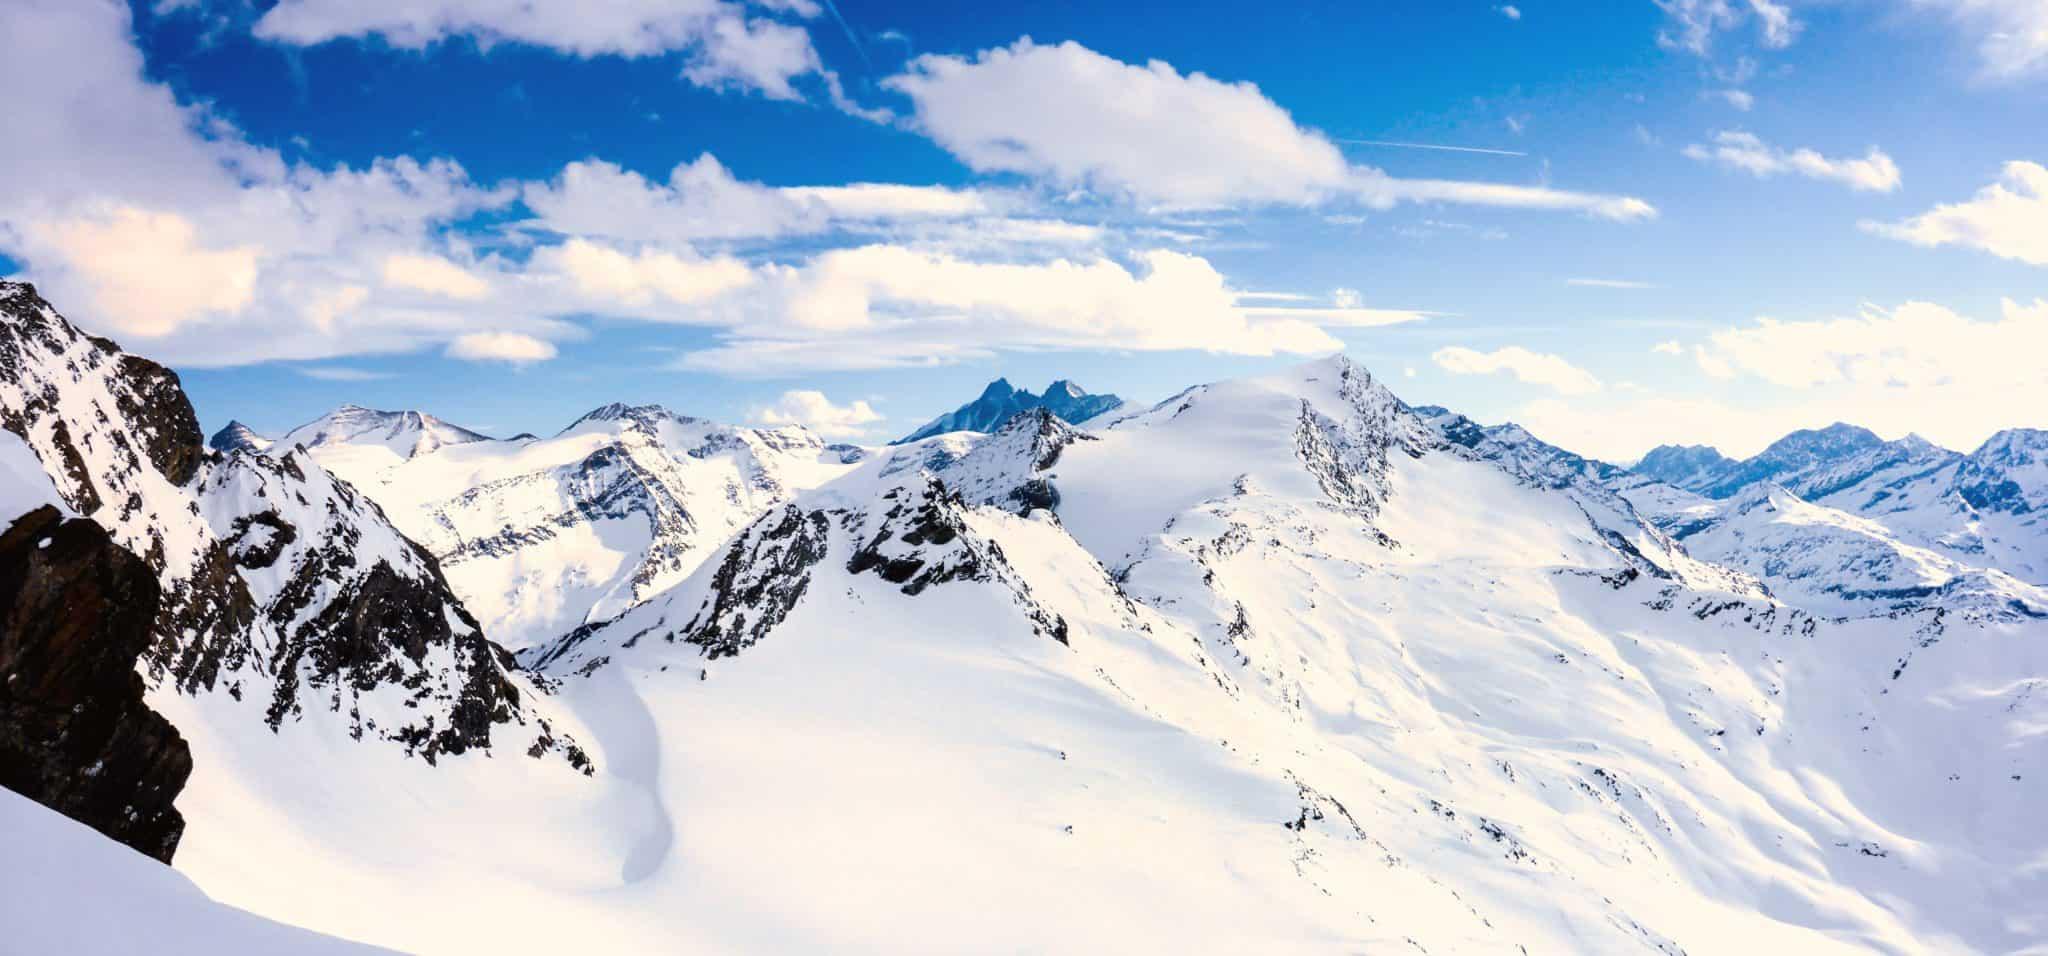 Alpine Schweiz im Winter